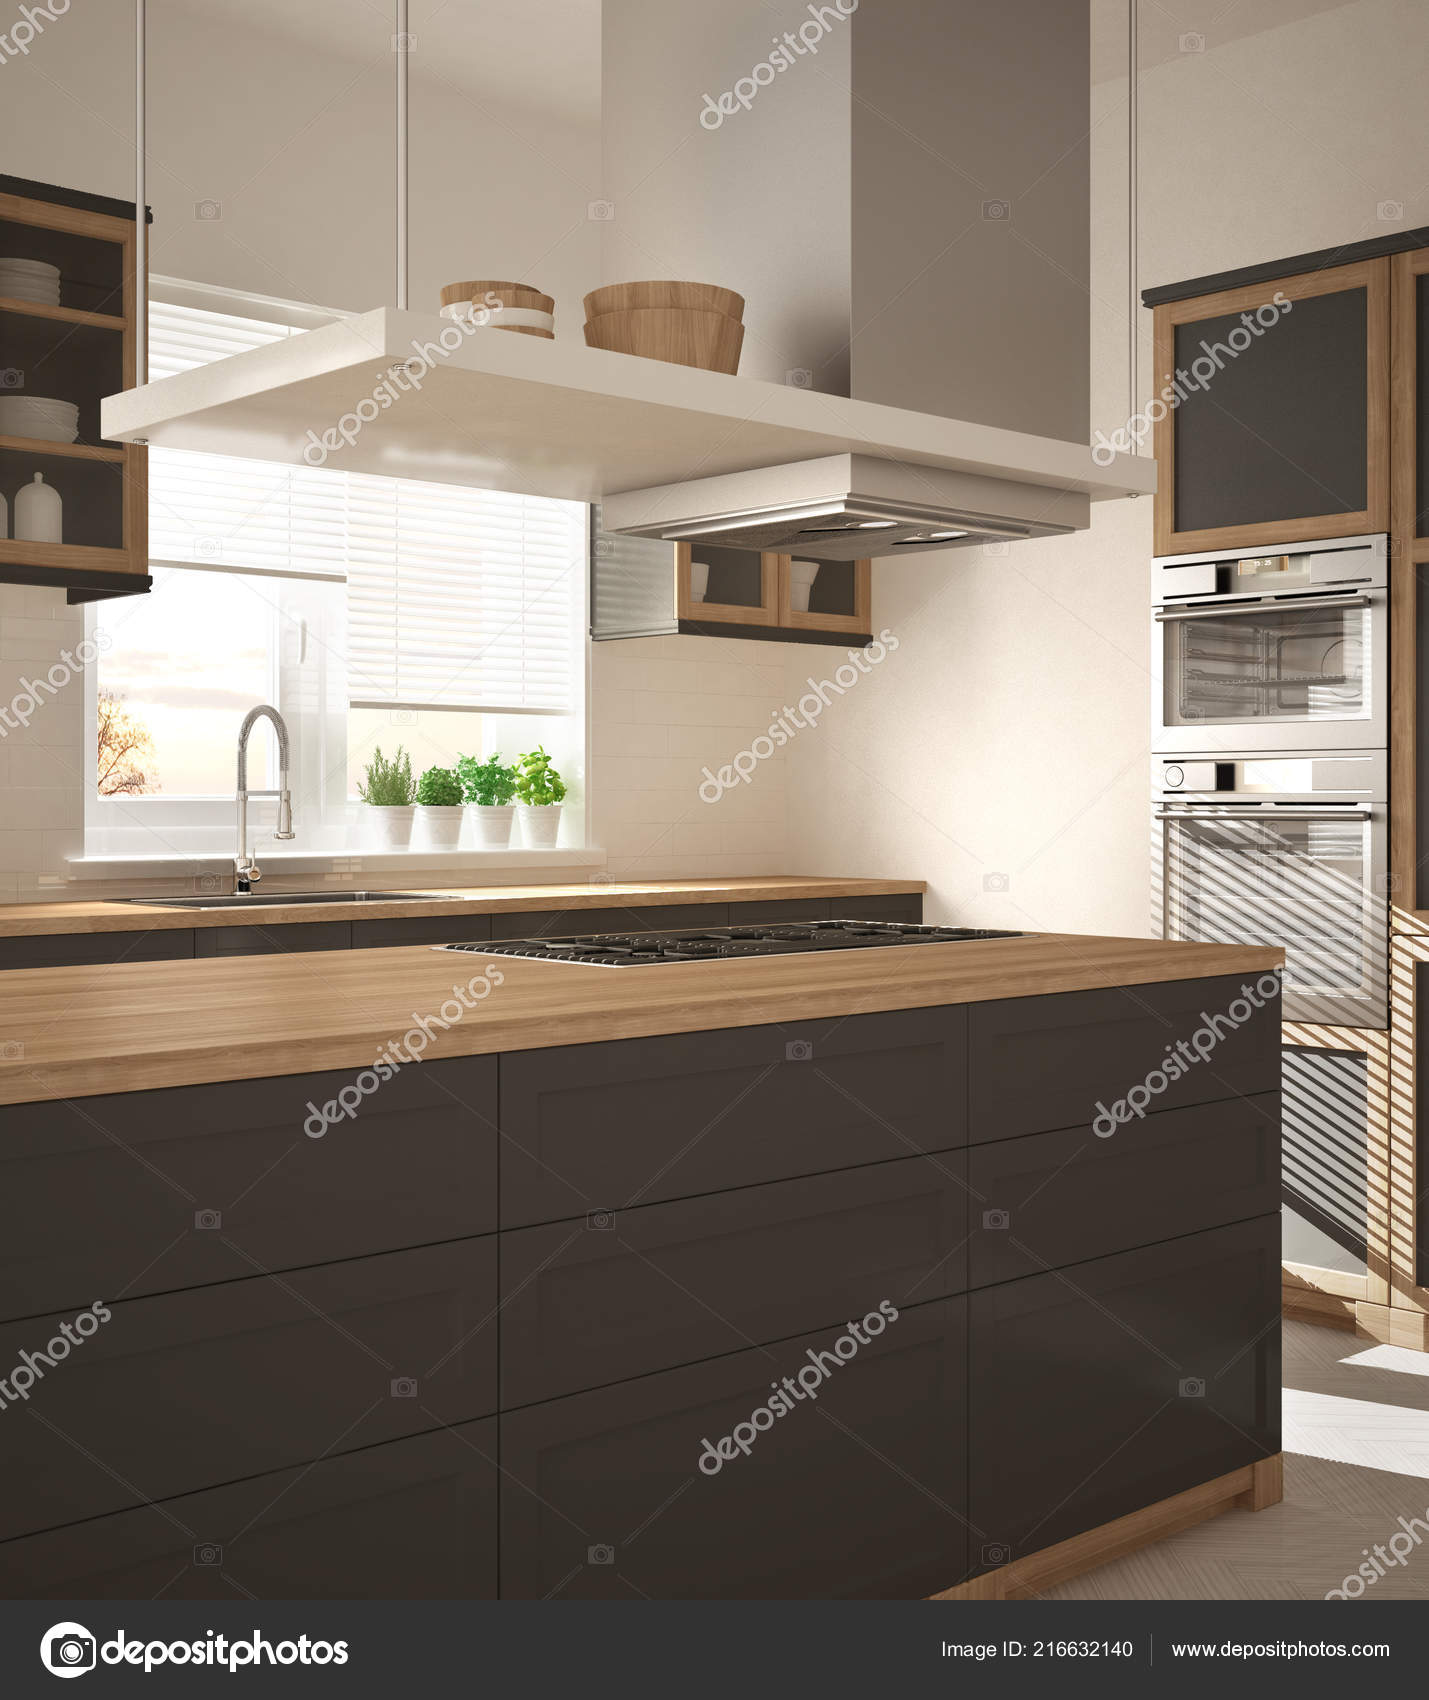 Modern Wooden Gray Kitchen Island Gas Stove Sink Parquet